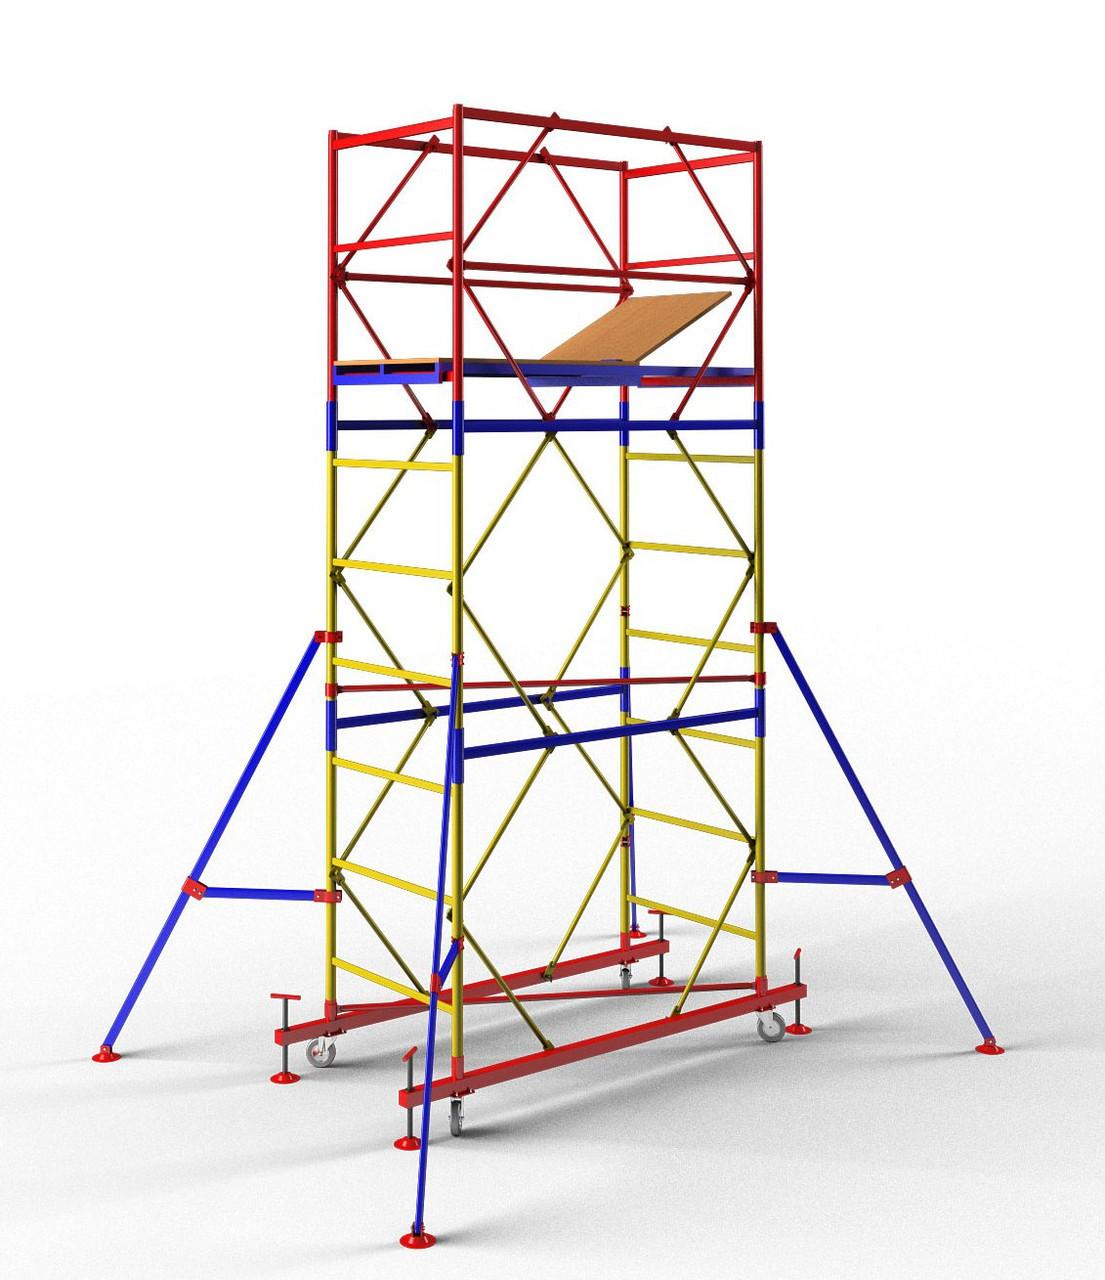 Вышка-тура мобильная облегченная 1,7 x 0,8 м (5+1) Раб.высота 8,4 м